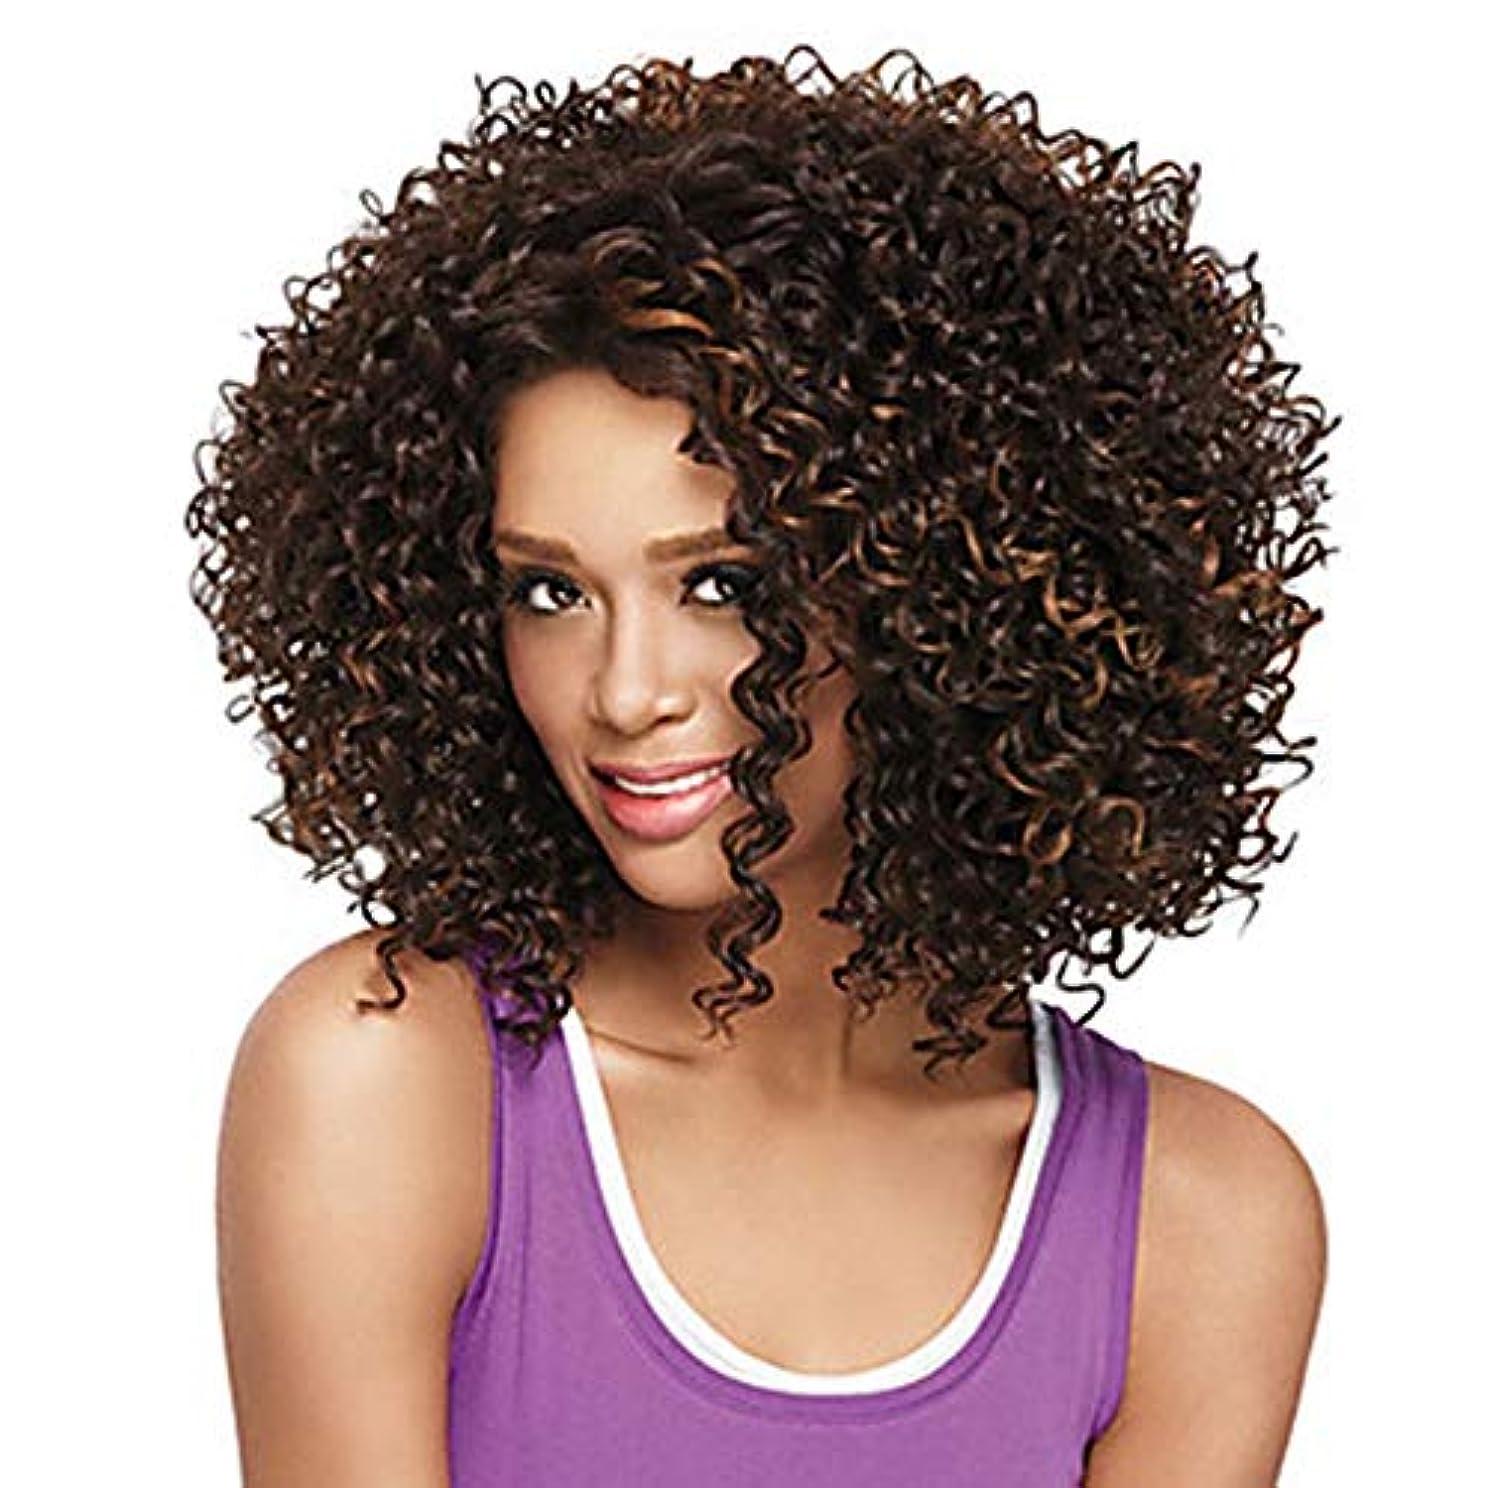 予感限られたディレイZXF アフリカの小さな巻き毛のかつらヨーロッパとアメリカの長い巻き毛の茶色の純ネットの高温絹の化学繊維のフード 美しい